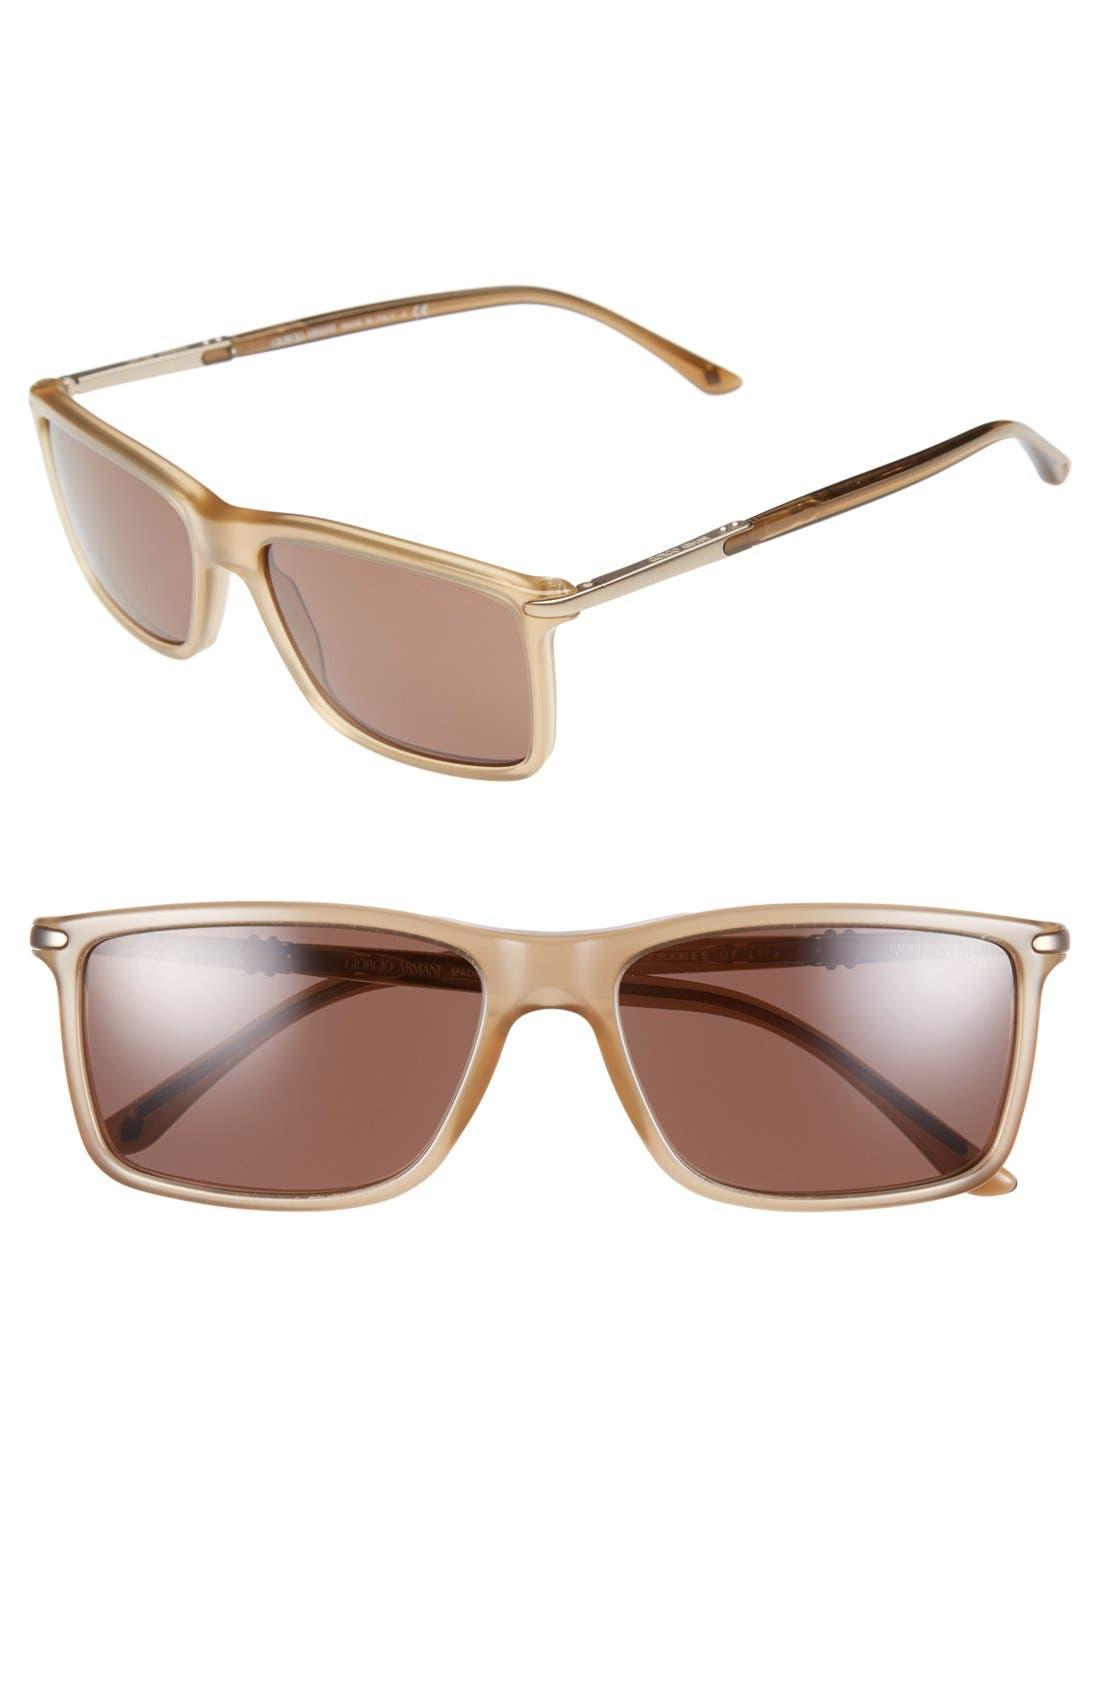 Alternate Image 1 Selected - Giorgio Armani 55mm Sunglasses